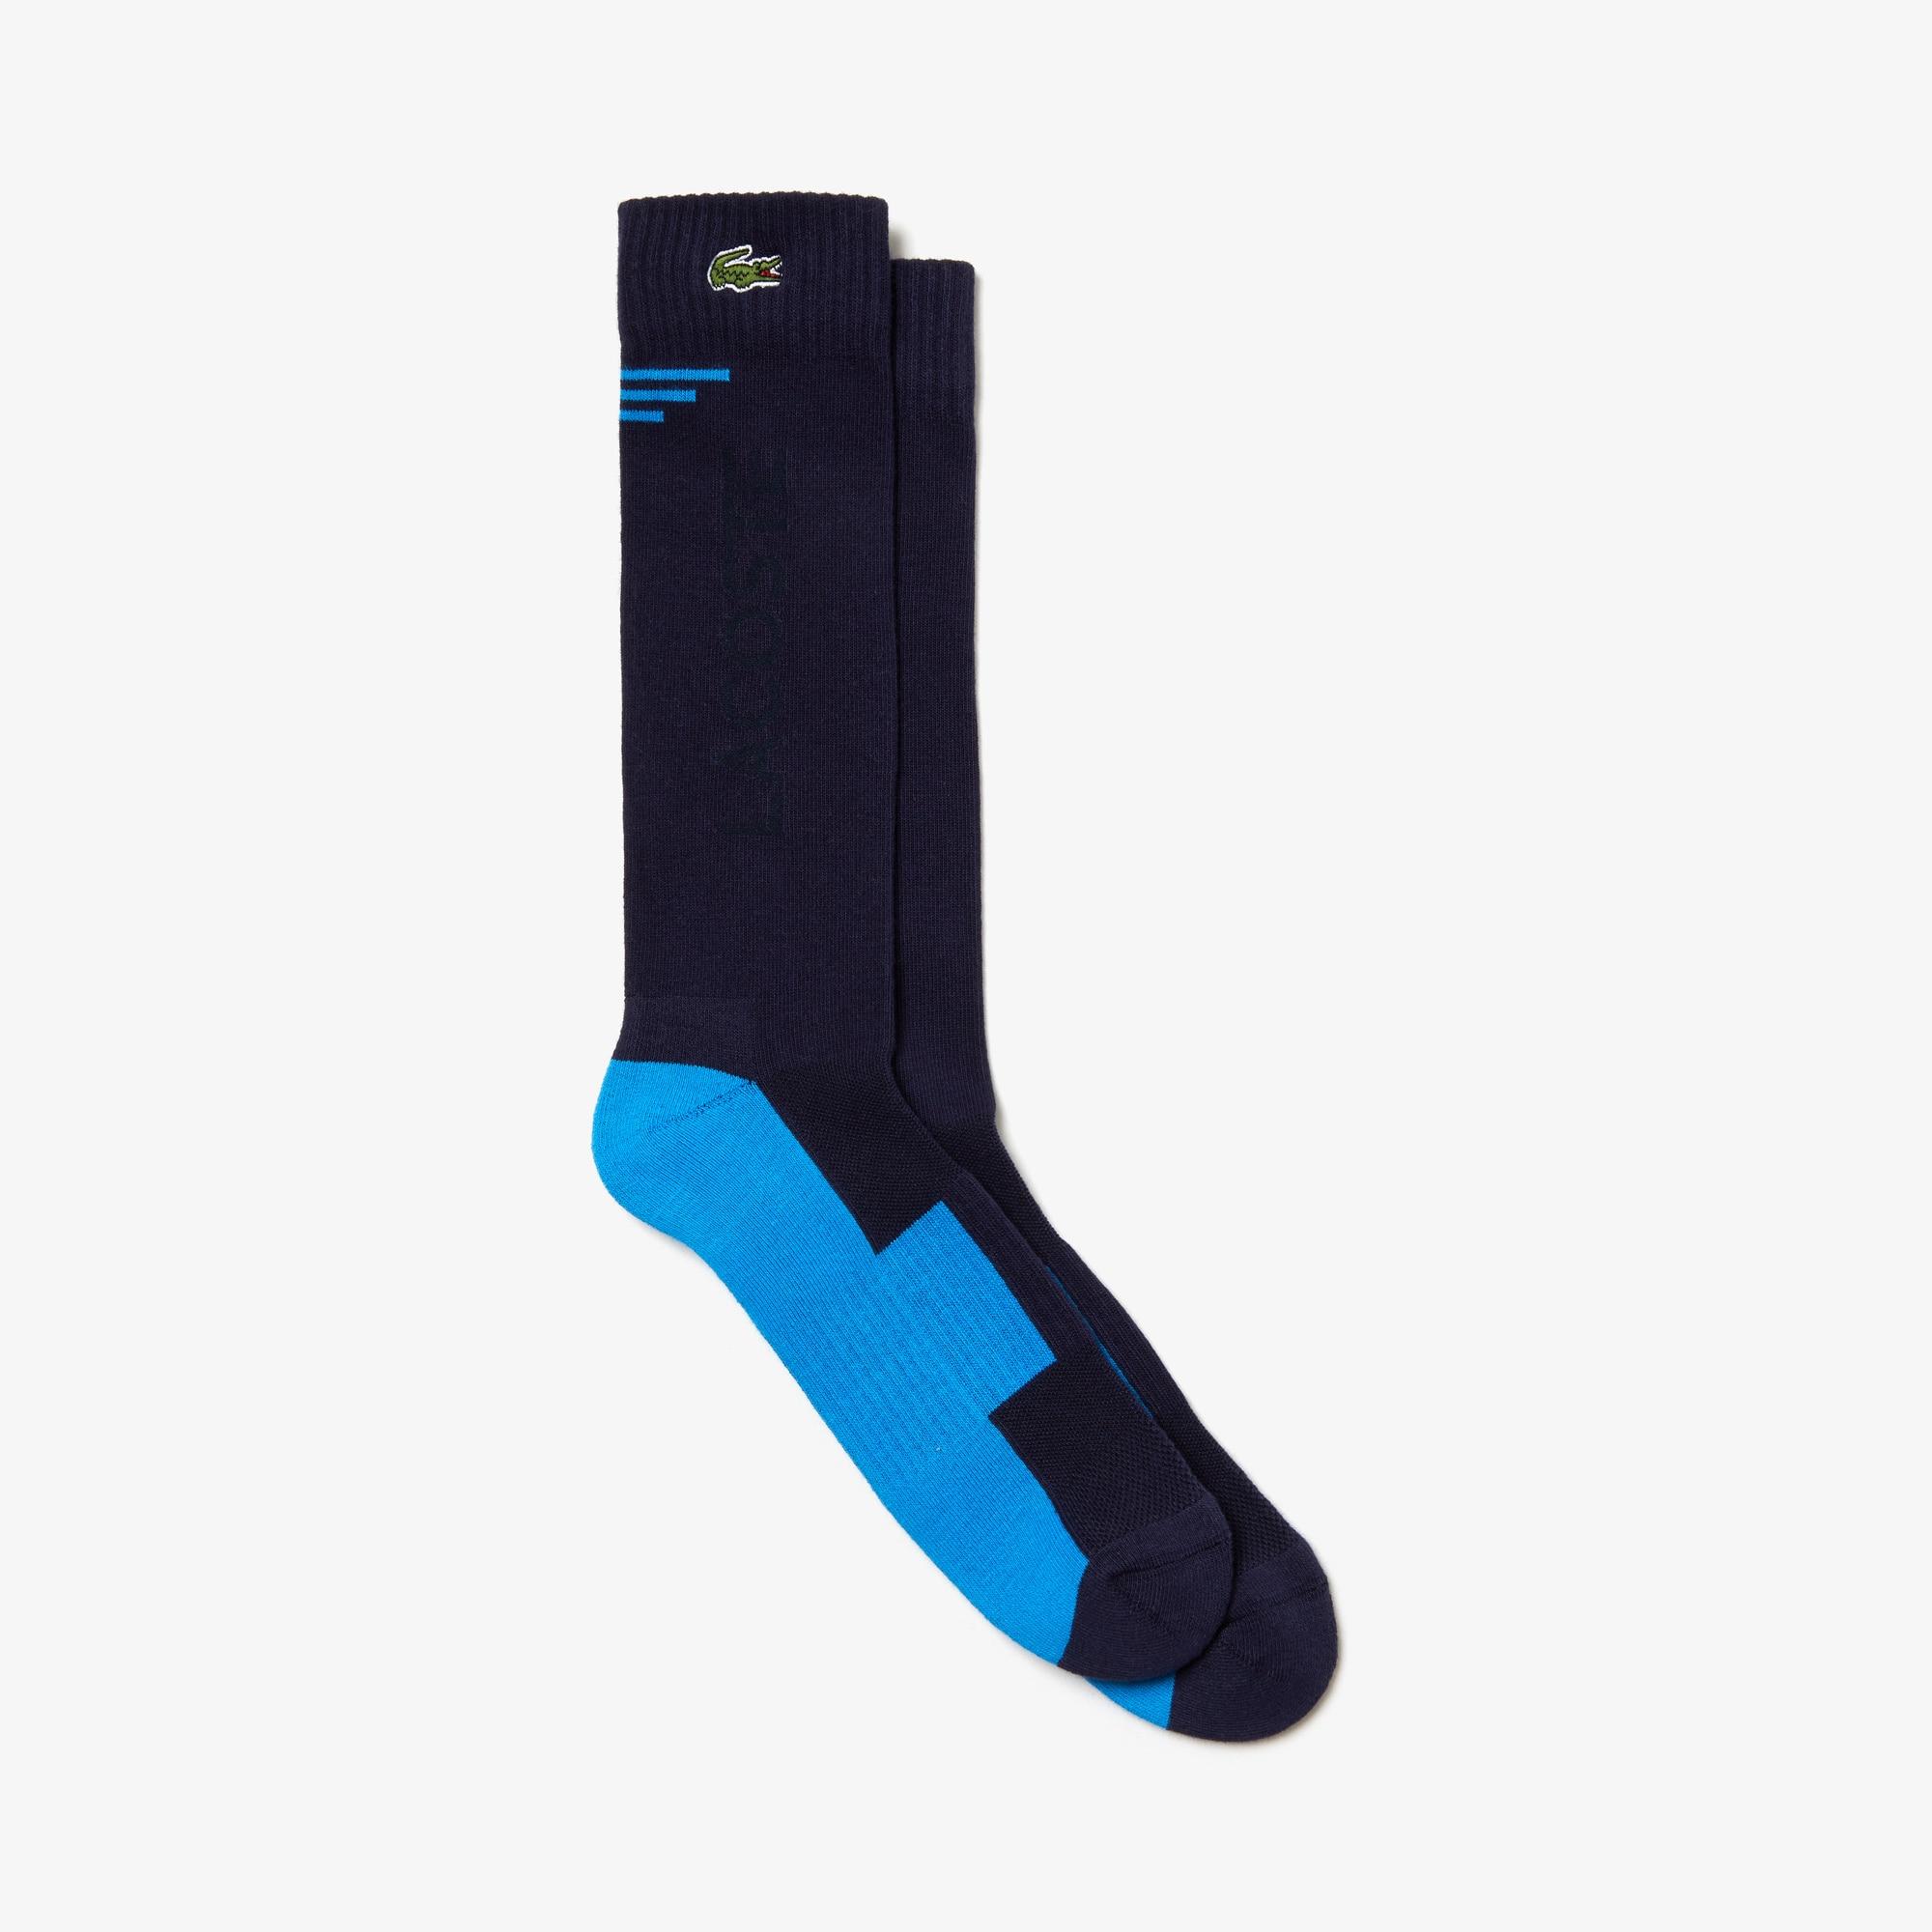 Men's Lacoste SPORT Lettering Stretch Jersey Tennis Socks